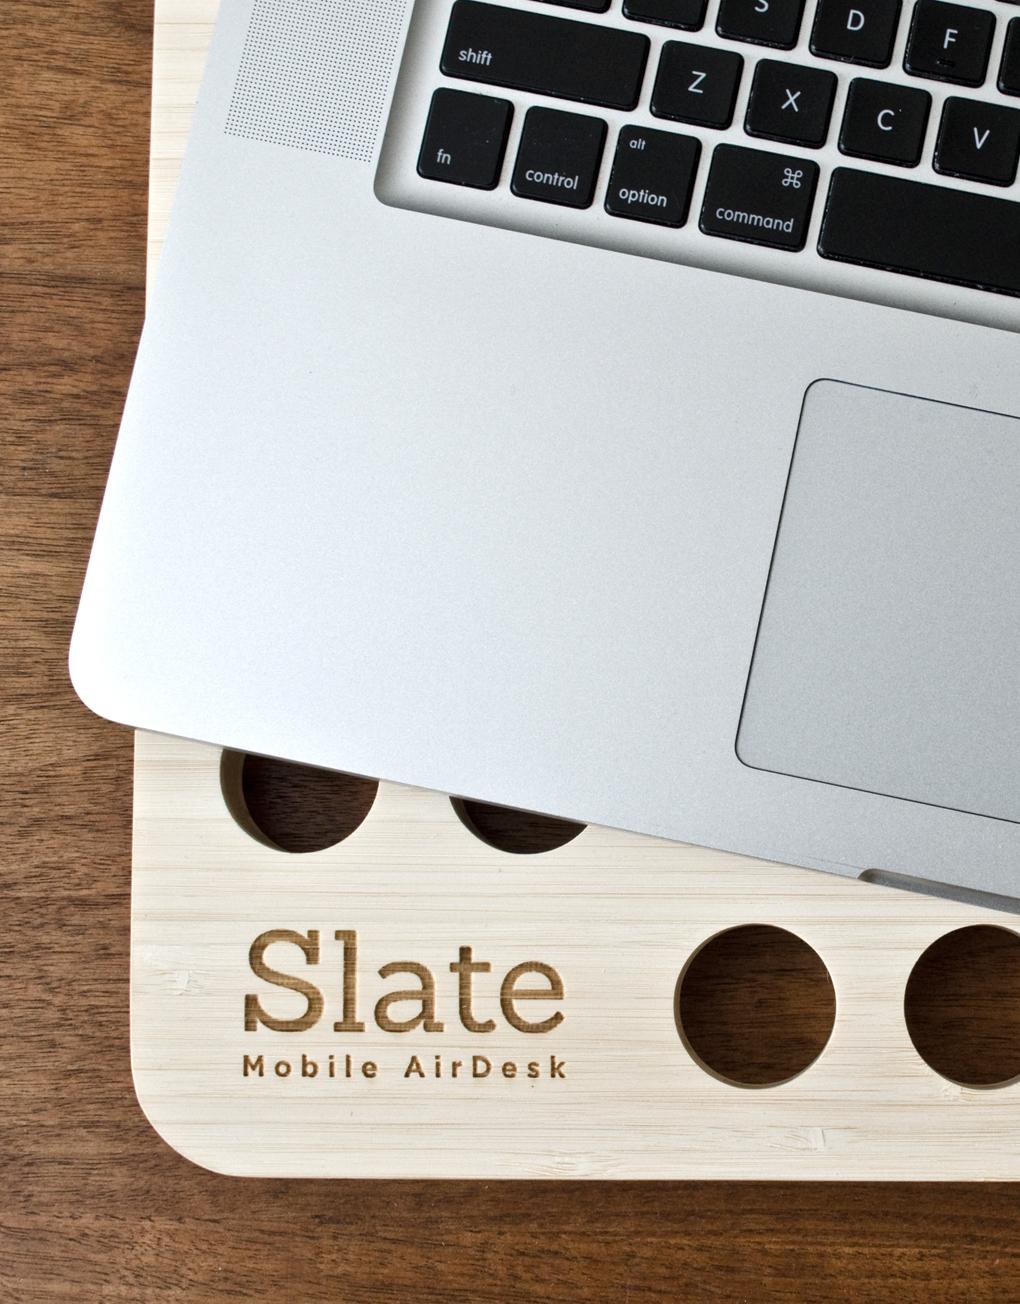 slate-mobile-airdesk1